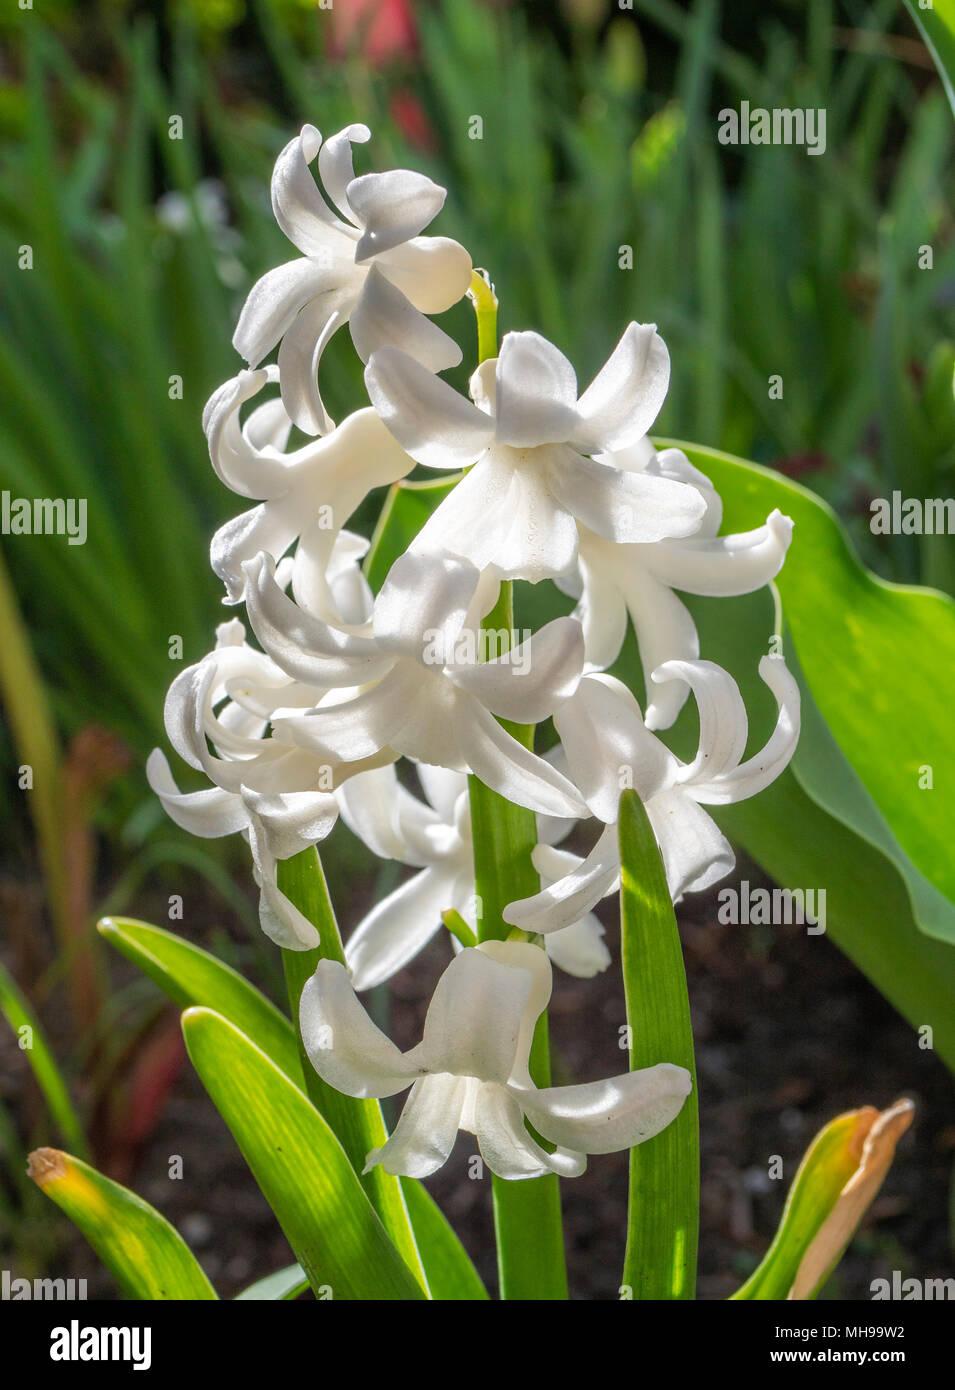 Weiße Garten-Hyazinthe (Hyacinthus), Familie der Spargel (Asparagaceae) Stockbild